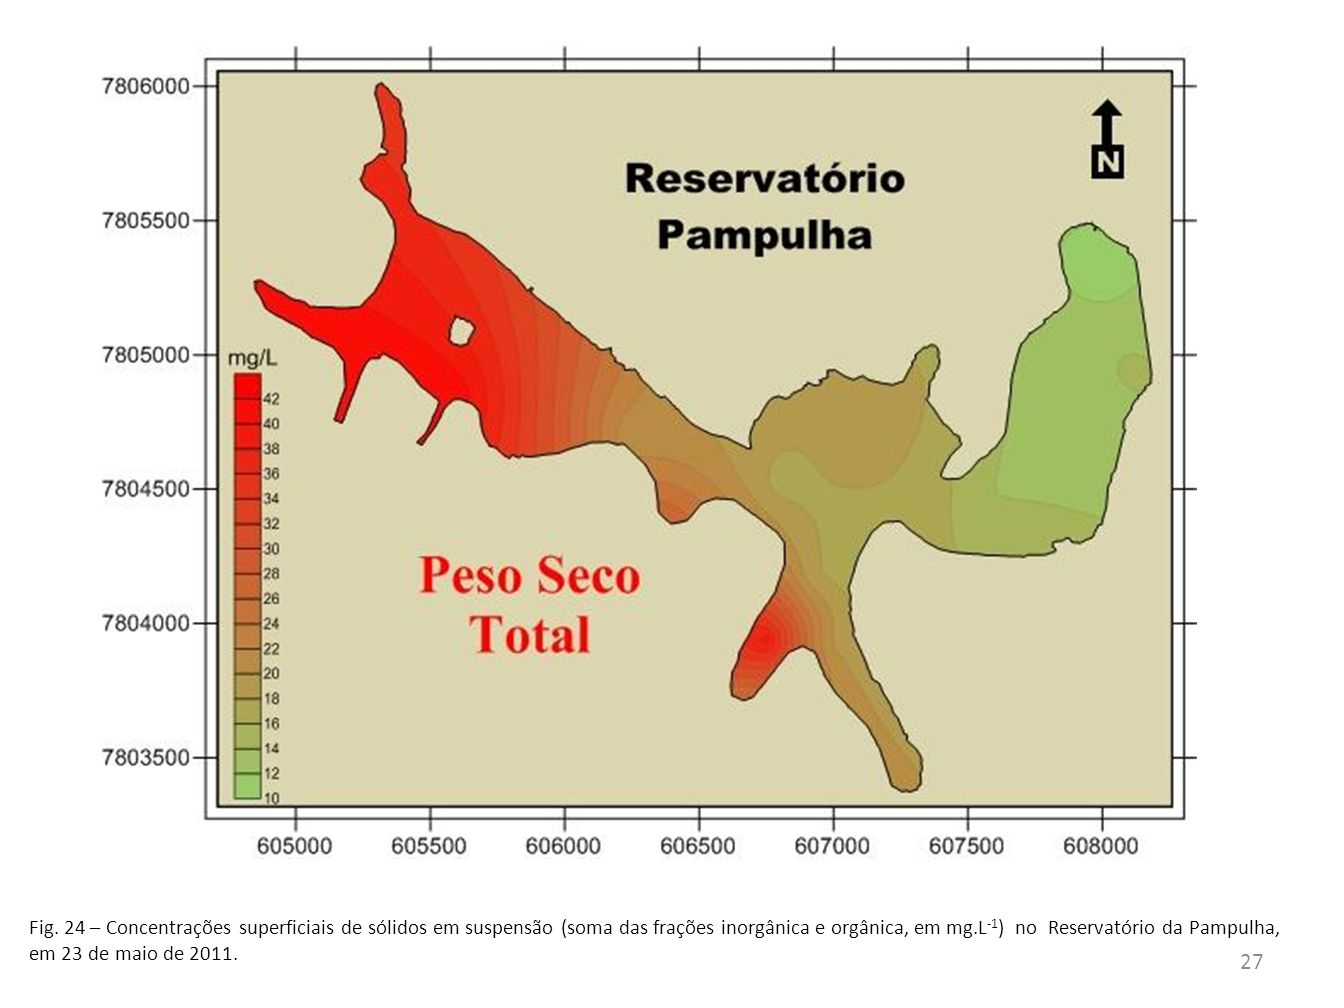 28 Fig.25 - A má gestão do lixo urbano e resíduos industriais levaram a um quadro de contaminação por metais traços (pesados) nesse ambiente (Pinto-Coelho, 2009).